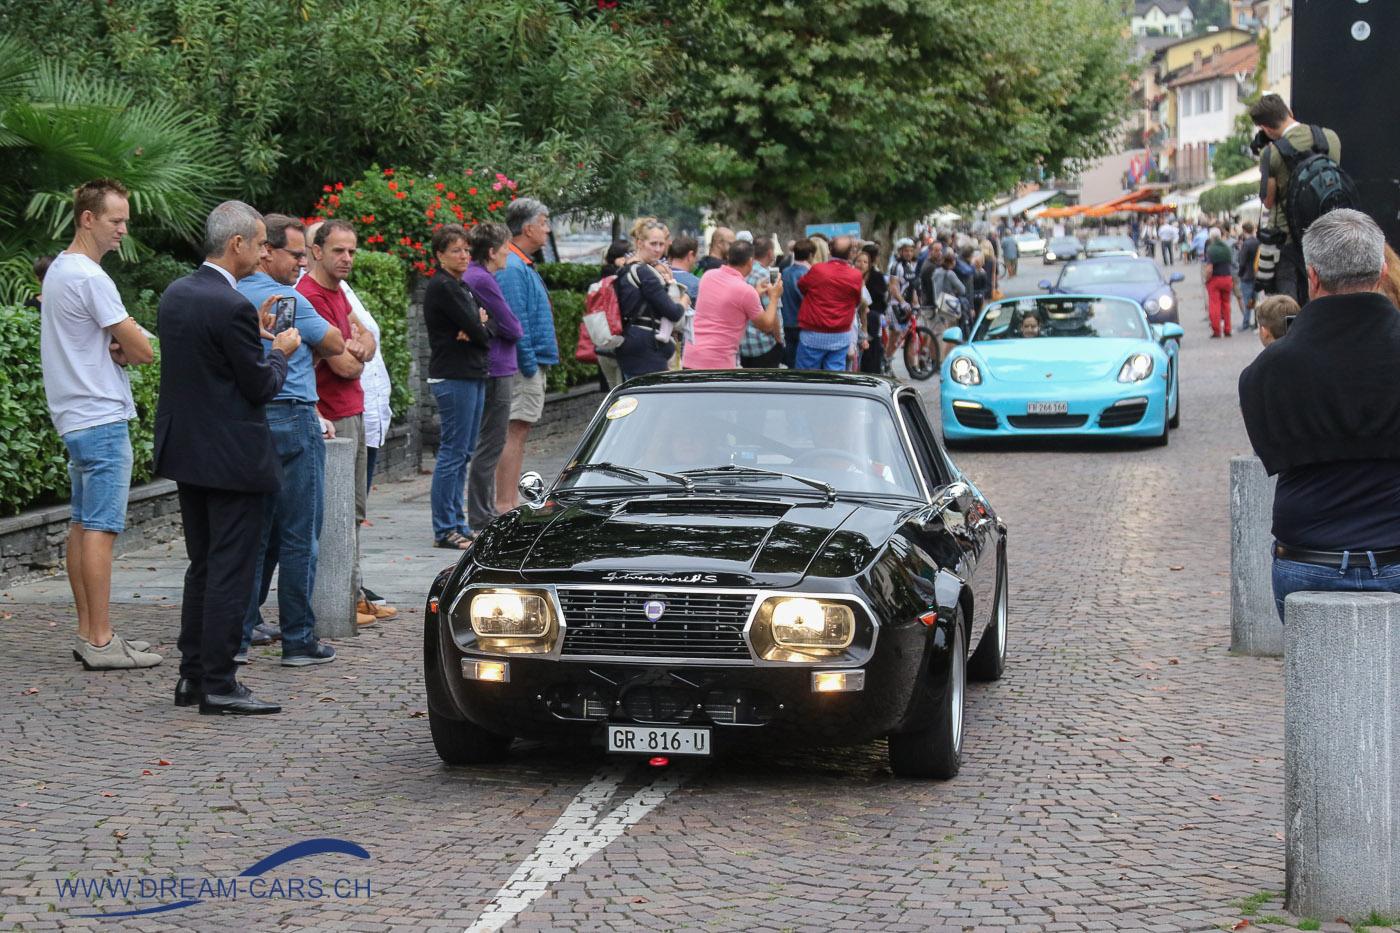 Euro Sportcars Day Ascona, 16.09.2018. Hans Orsatti mit seinem Lancia Fulvia Zagato startet zur Ausfahrt